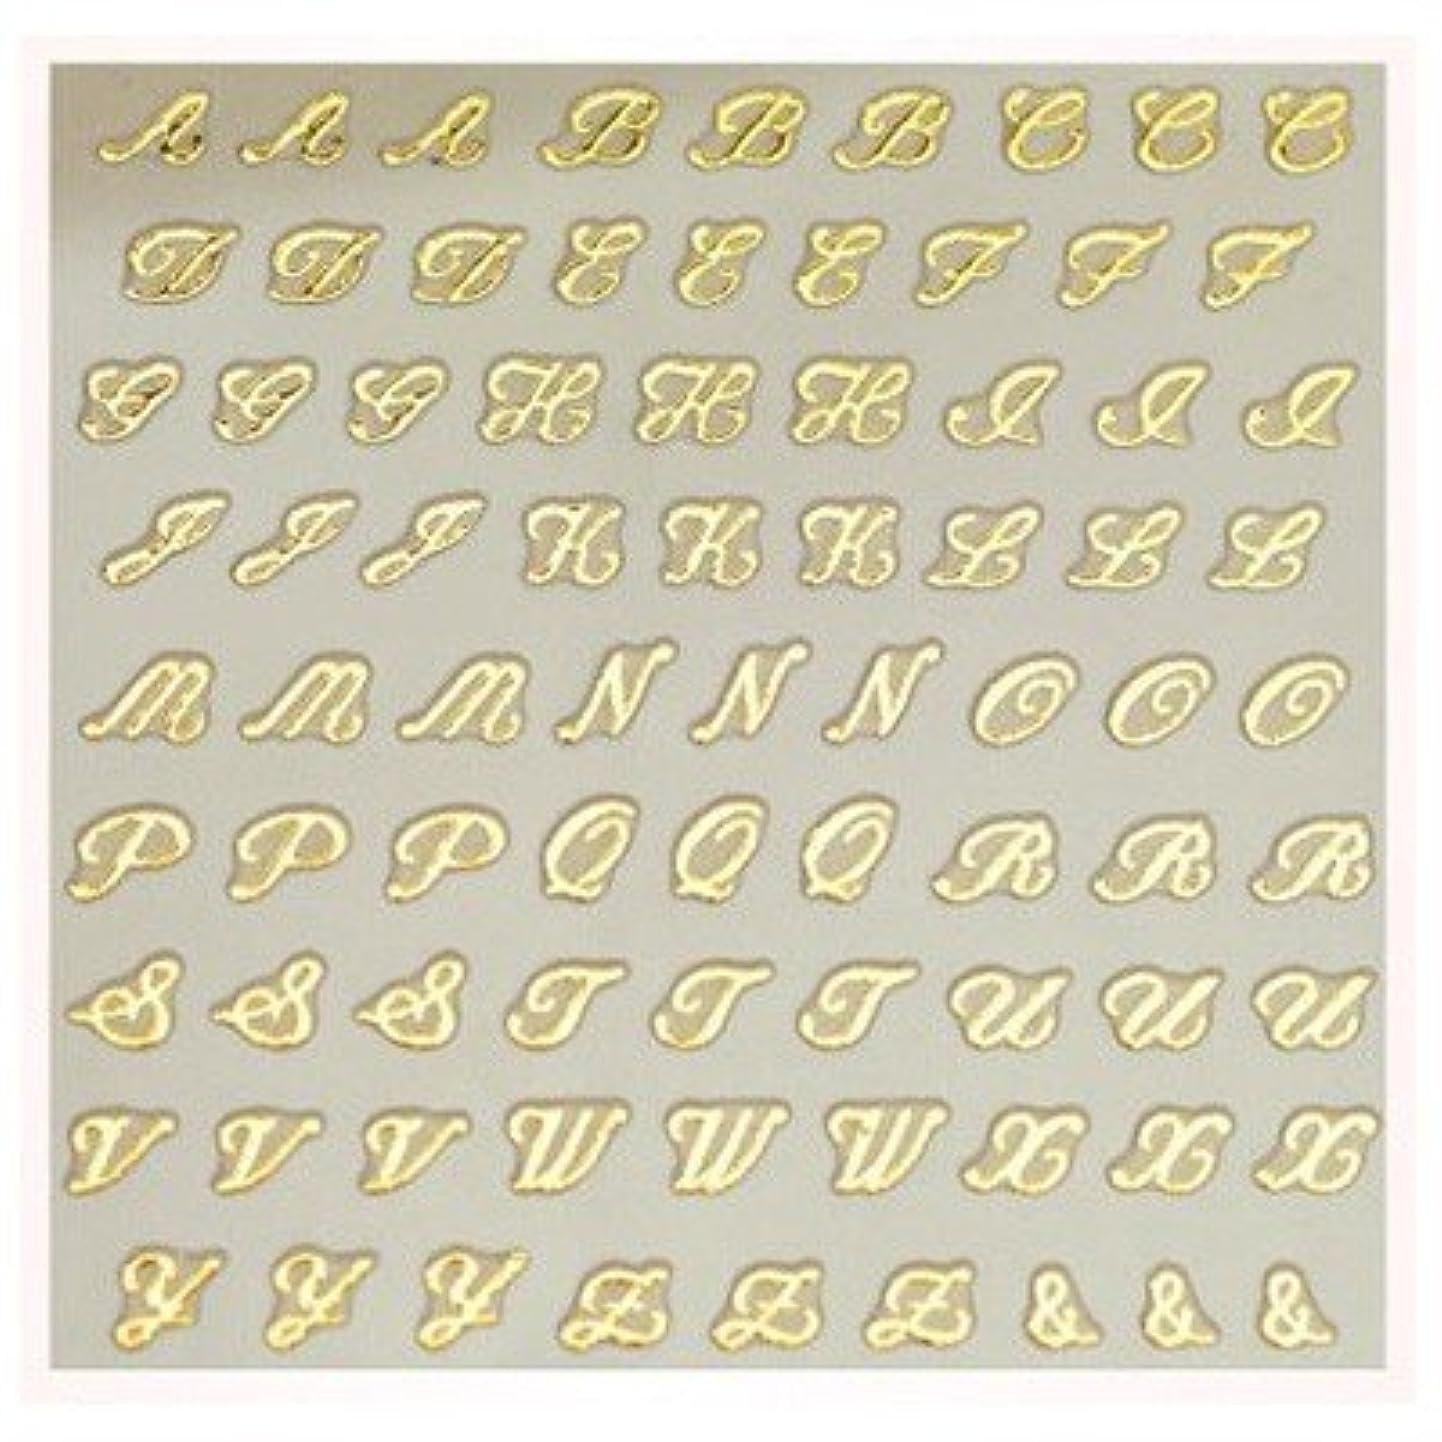 確かめる受け継ぐバイアス文字ネイルシール アルファベット イニシャル ピアドラ pieadra×BLC ネイルシール ブローチイニシャル 小 ゴールド